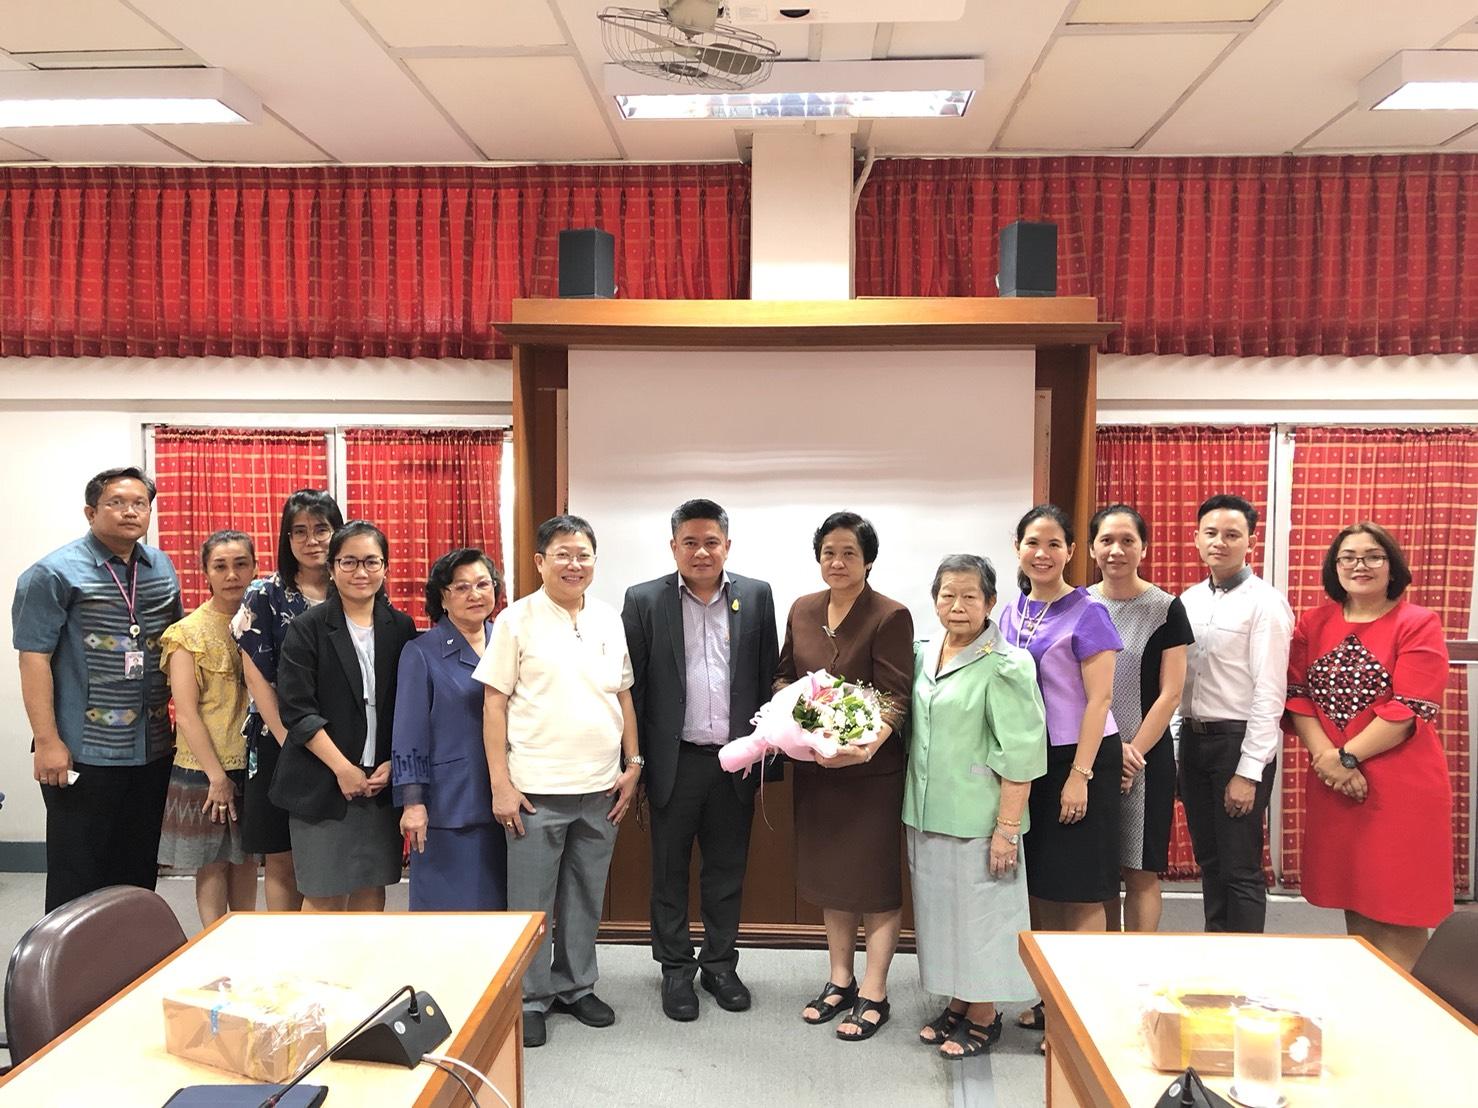 คณะกรรมการสมาคมฯ ประชุมเพื่อเตรียมงานประชุมวิชาการนานาชาติสารพิษจากเขื้อรา ICM 2019